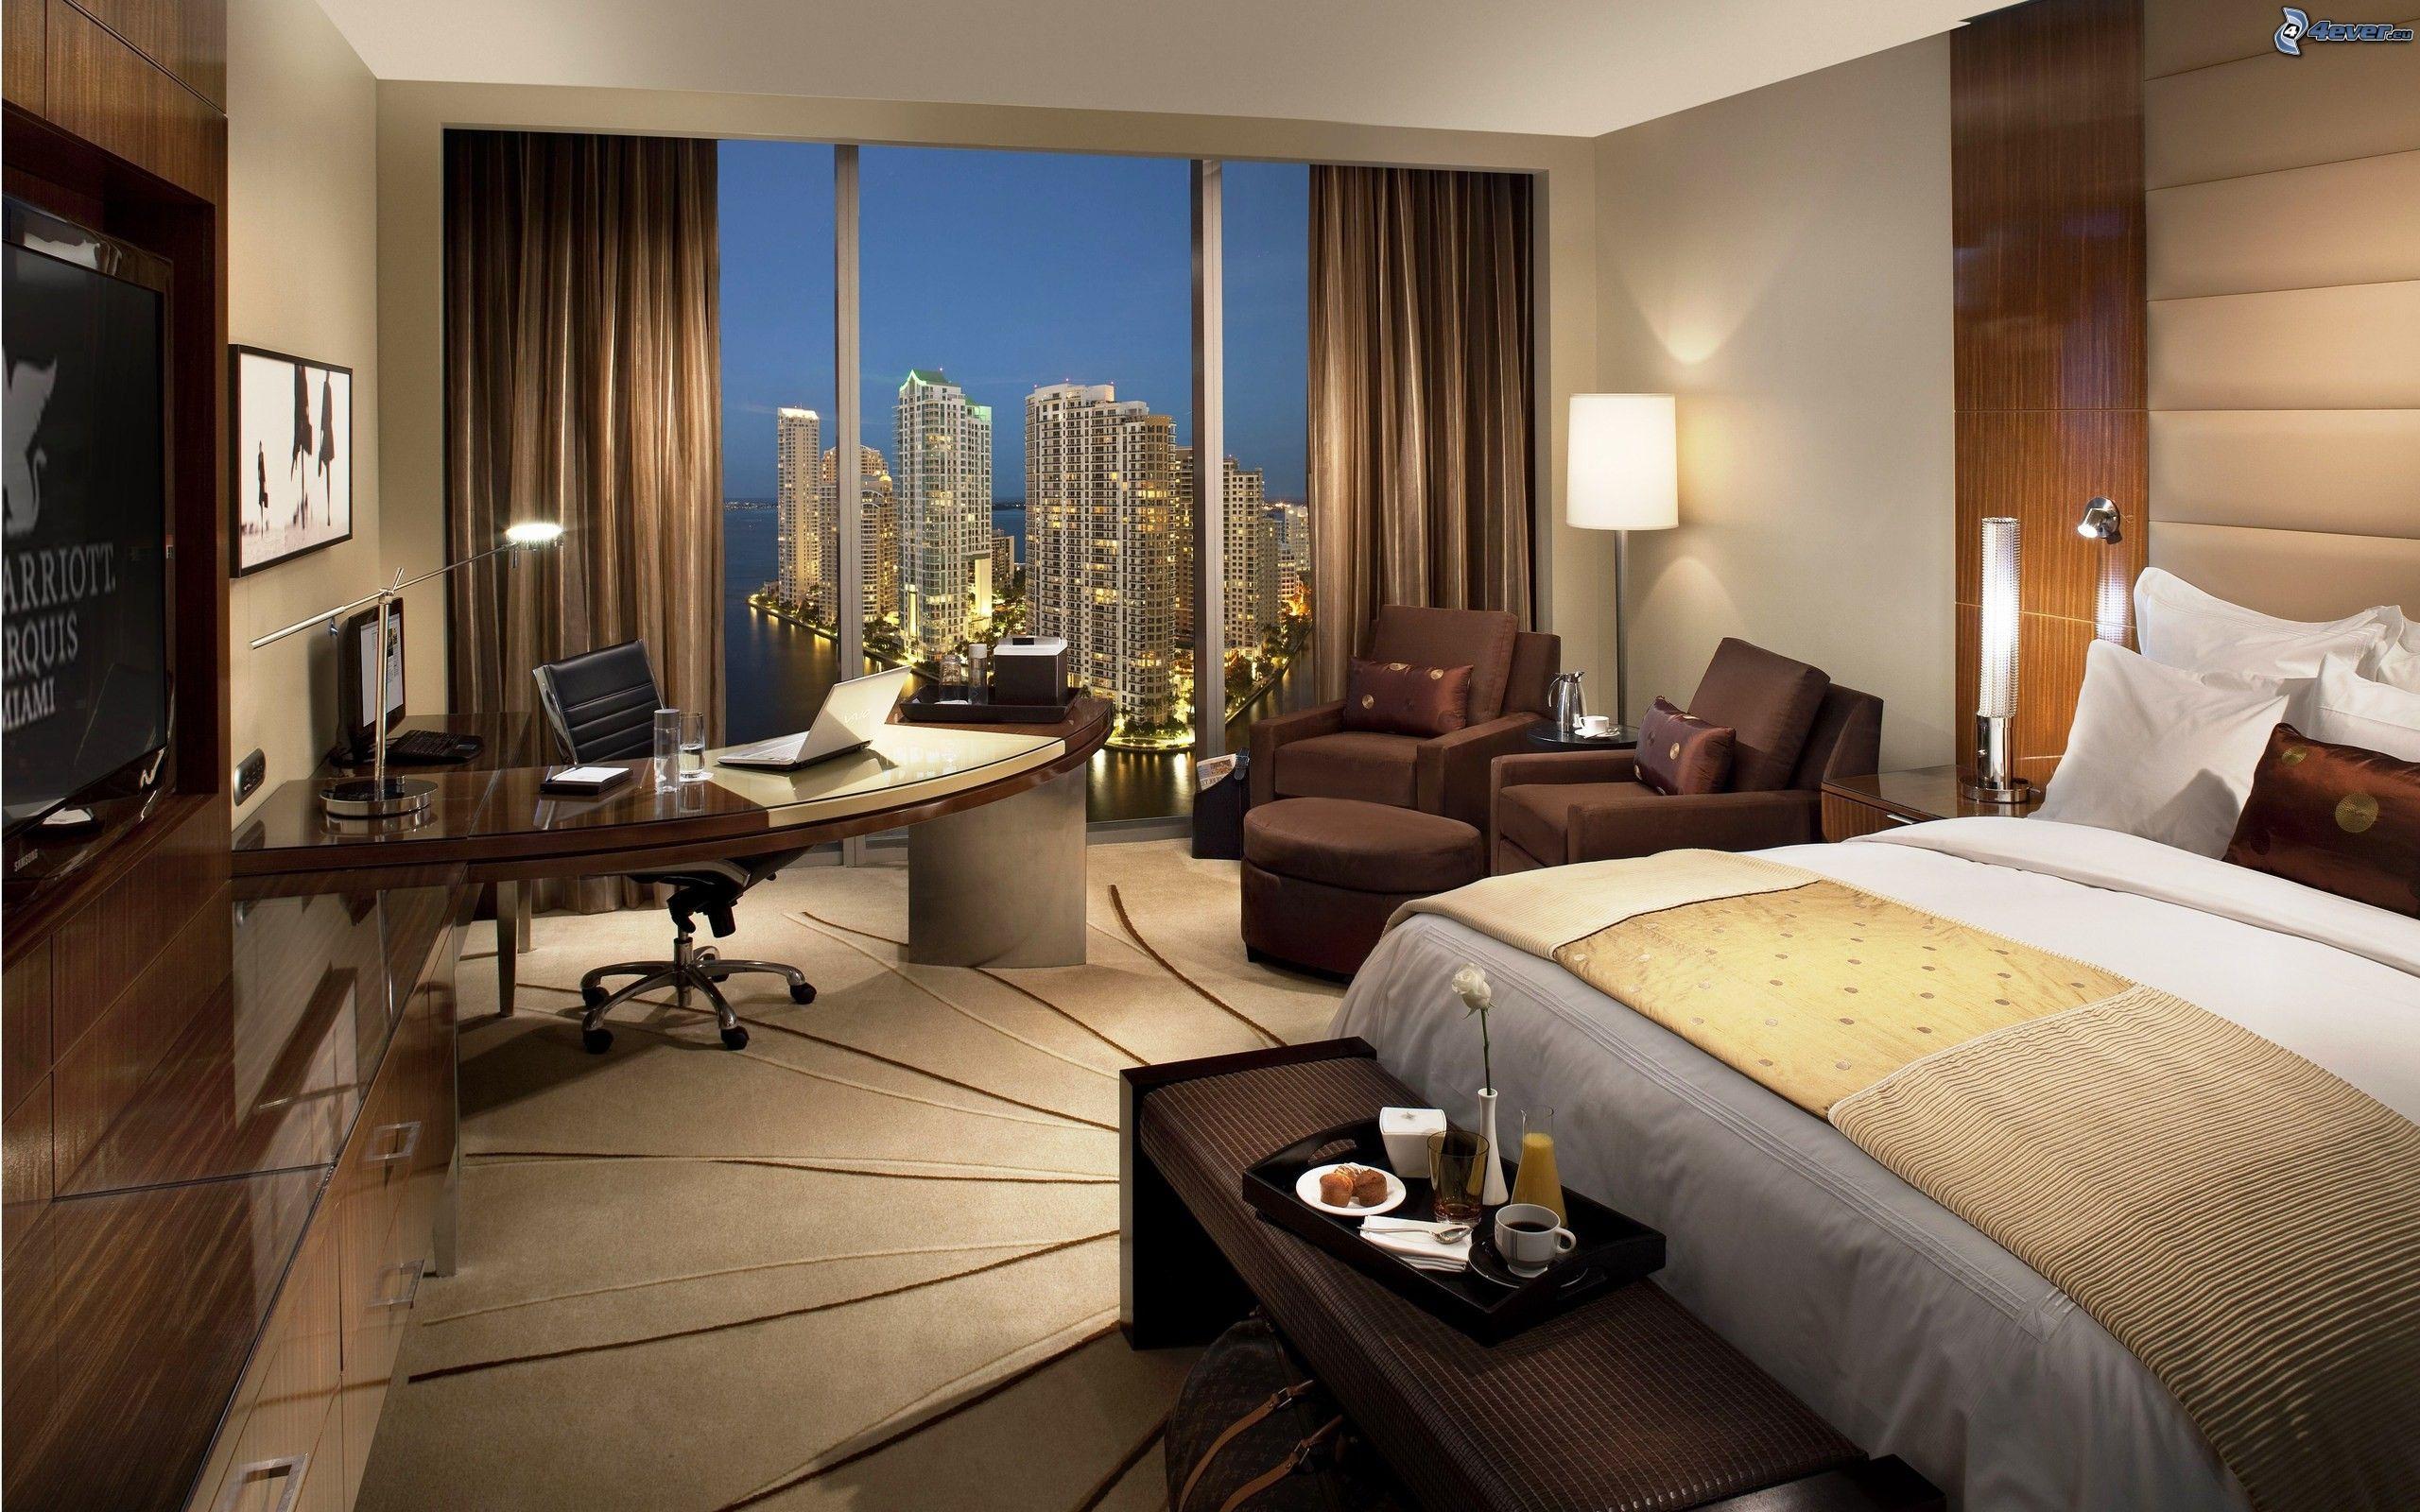 salle de sjour de lux chambre coucher lit vue sur la ville - Salle A Coucher